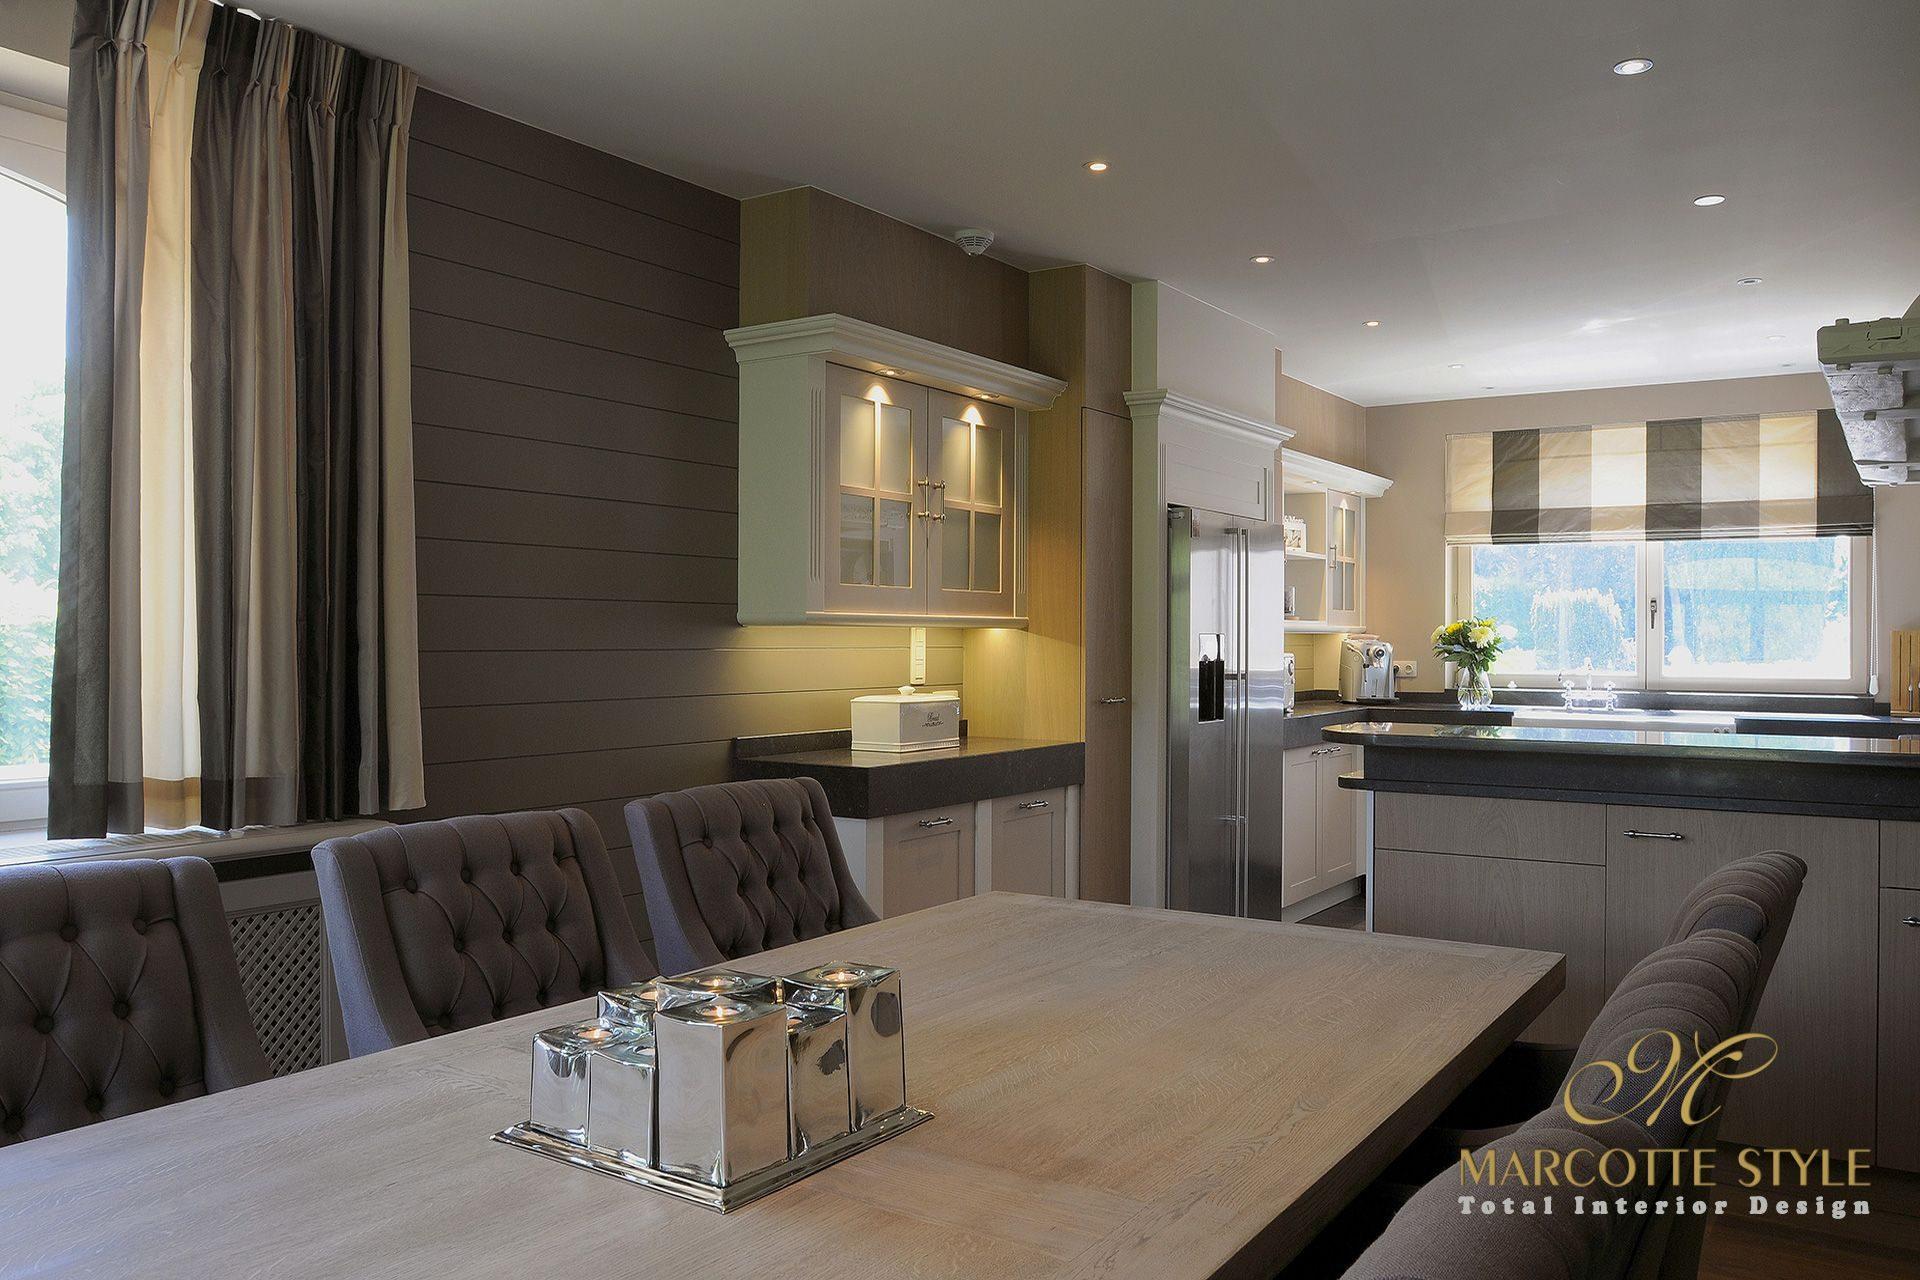 Architecte d'intérieur Grimbergen - Marcotte Style